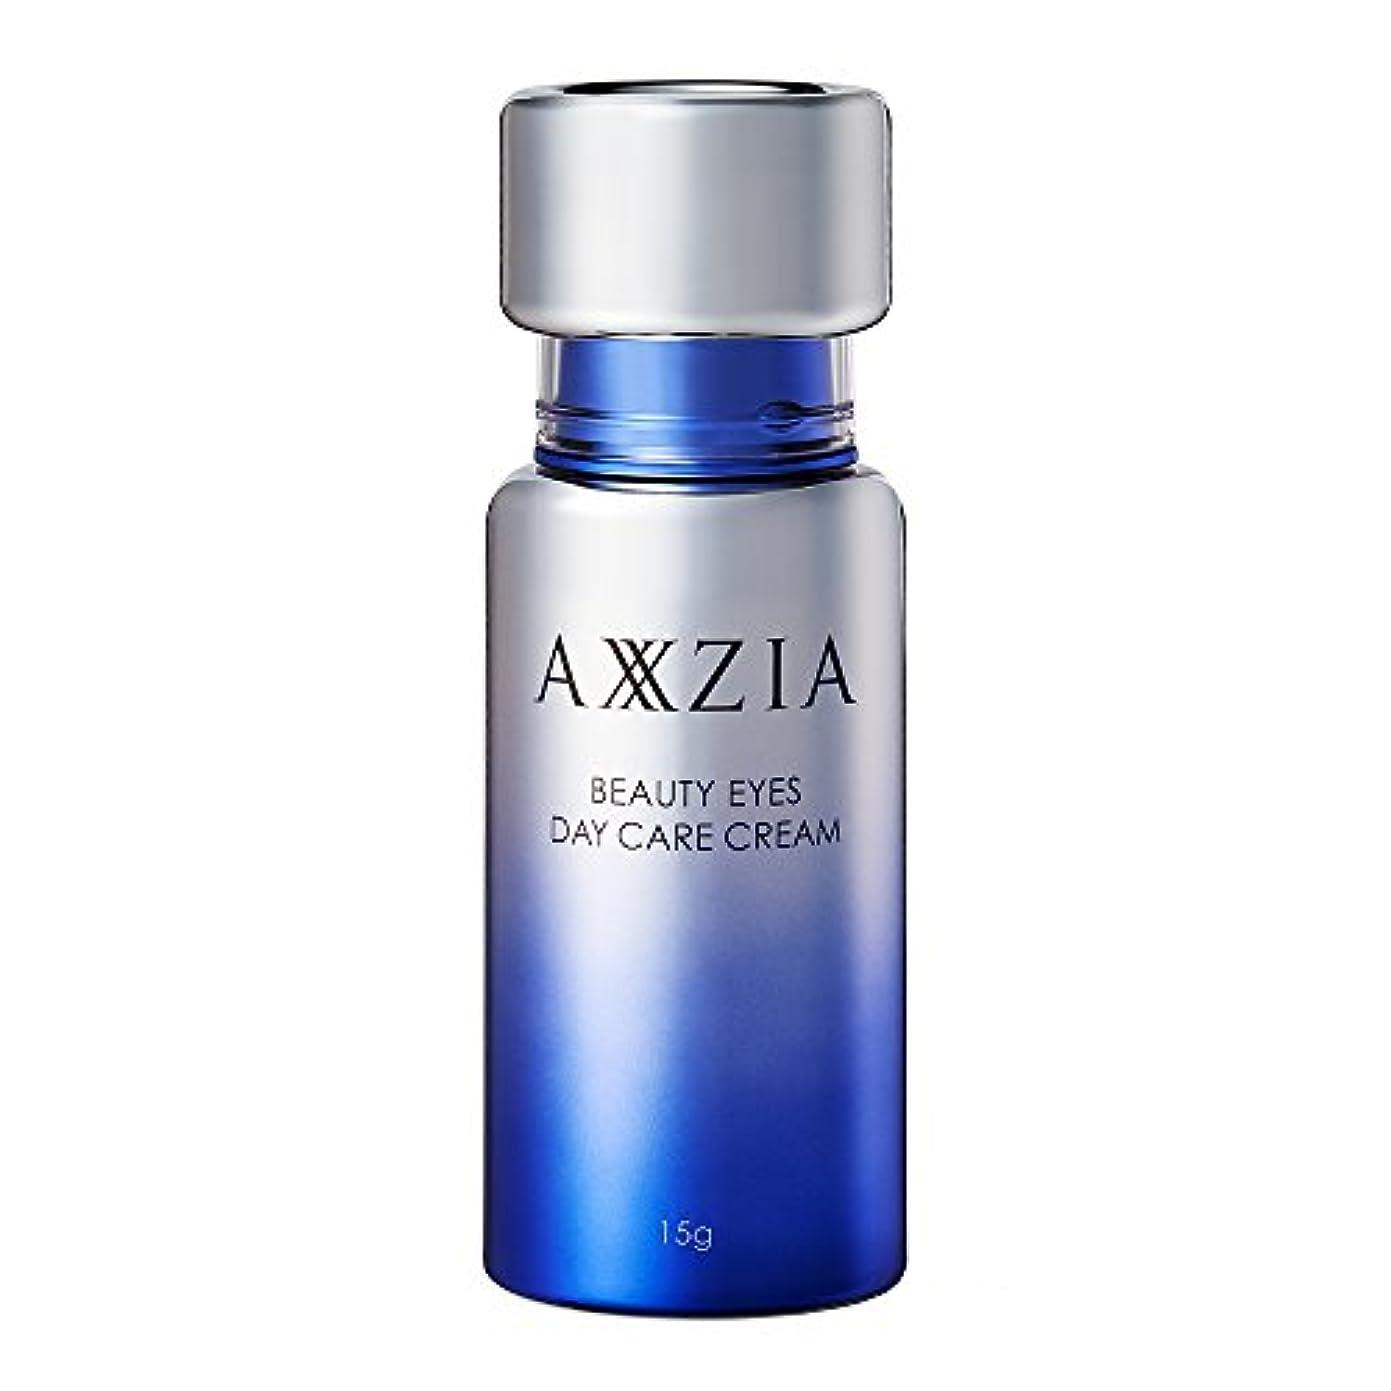 タイプライター富豪情熱アクシージア (AXXZIA) ビューティアイズ デイ ケア クリーム 15g | アイクリーム 目の下のたるみ 化粧品 解消 目元のたるみ